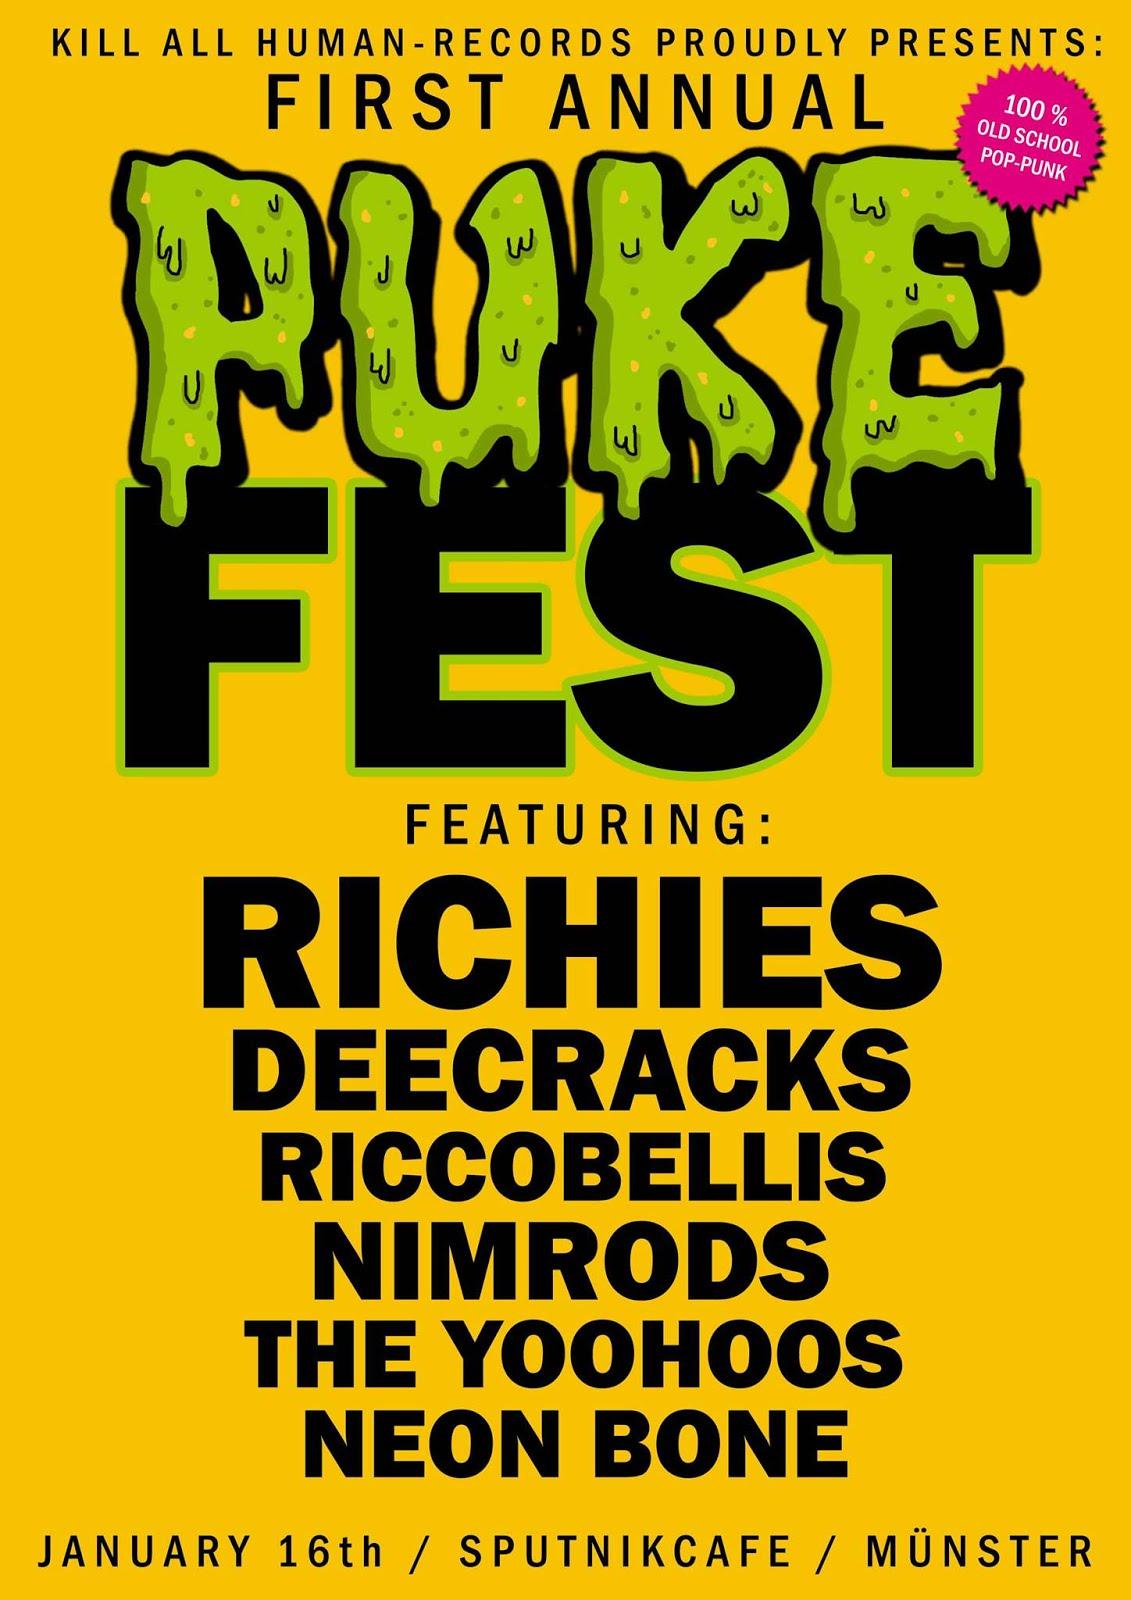 Puke Fest 2016